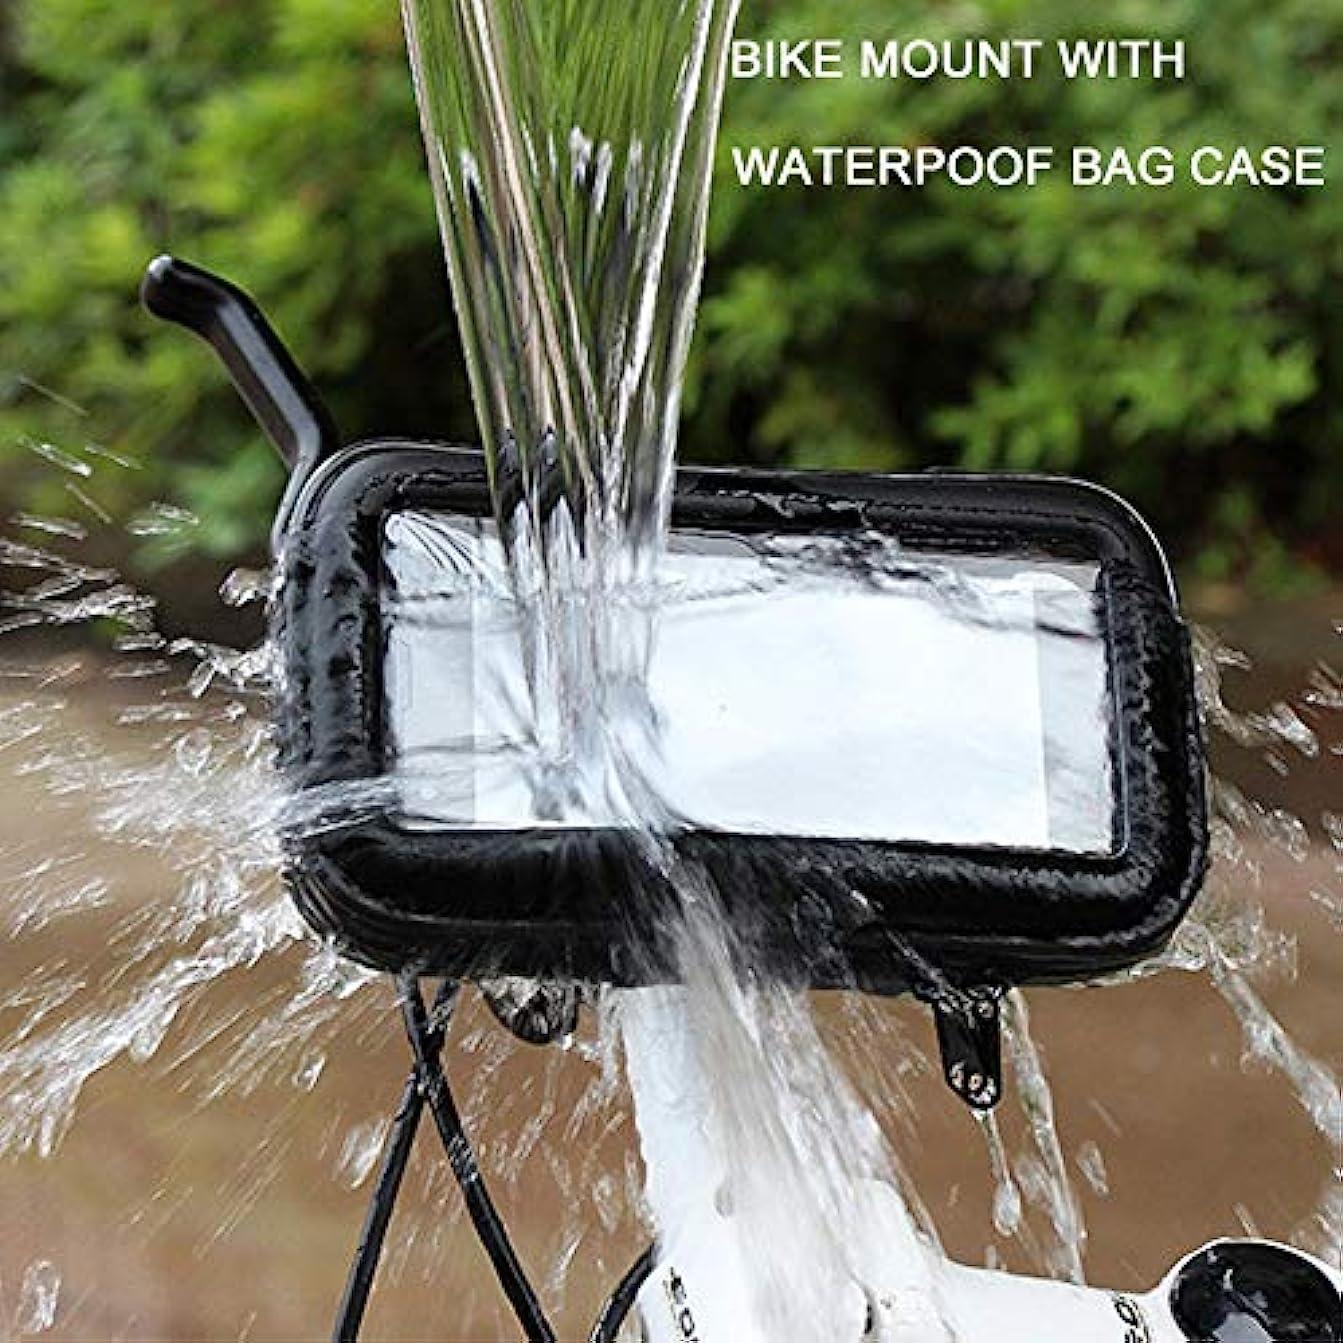 六分儀無視筋肉のWW 自転車とオートバイの携帯電話ホルダー防水自転車携帯電話シェルバッグ